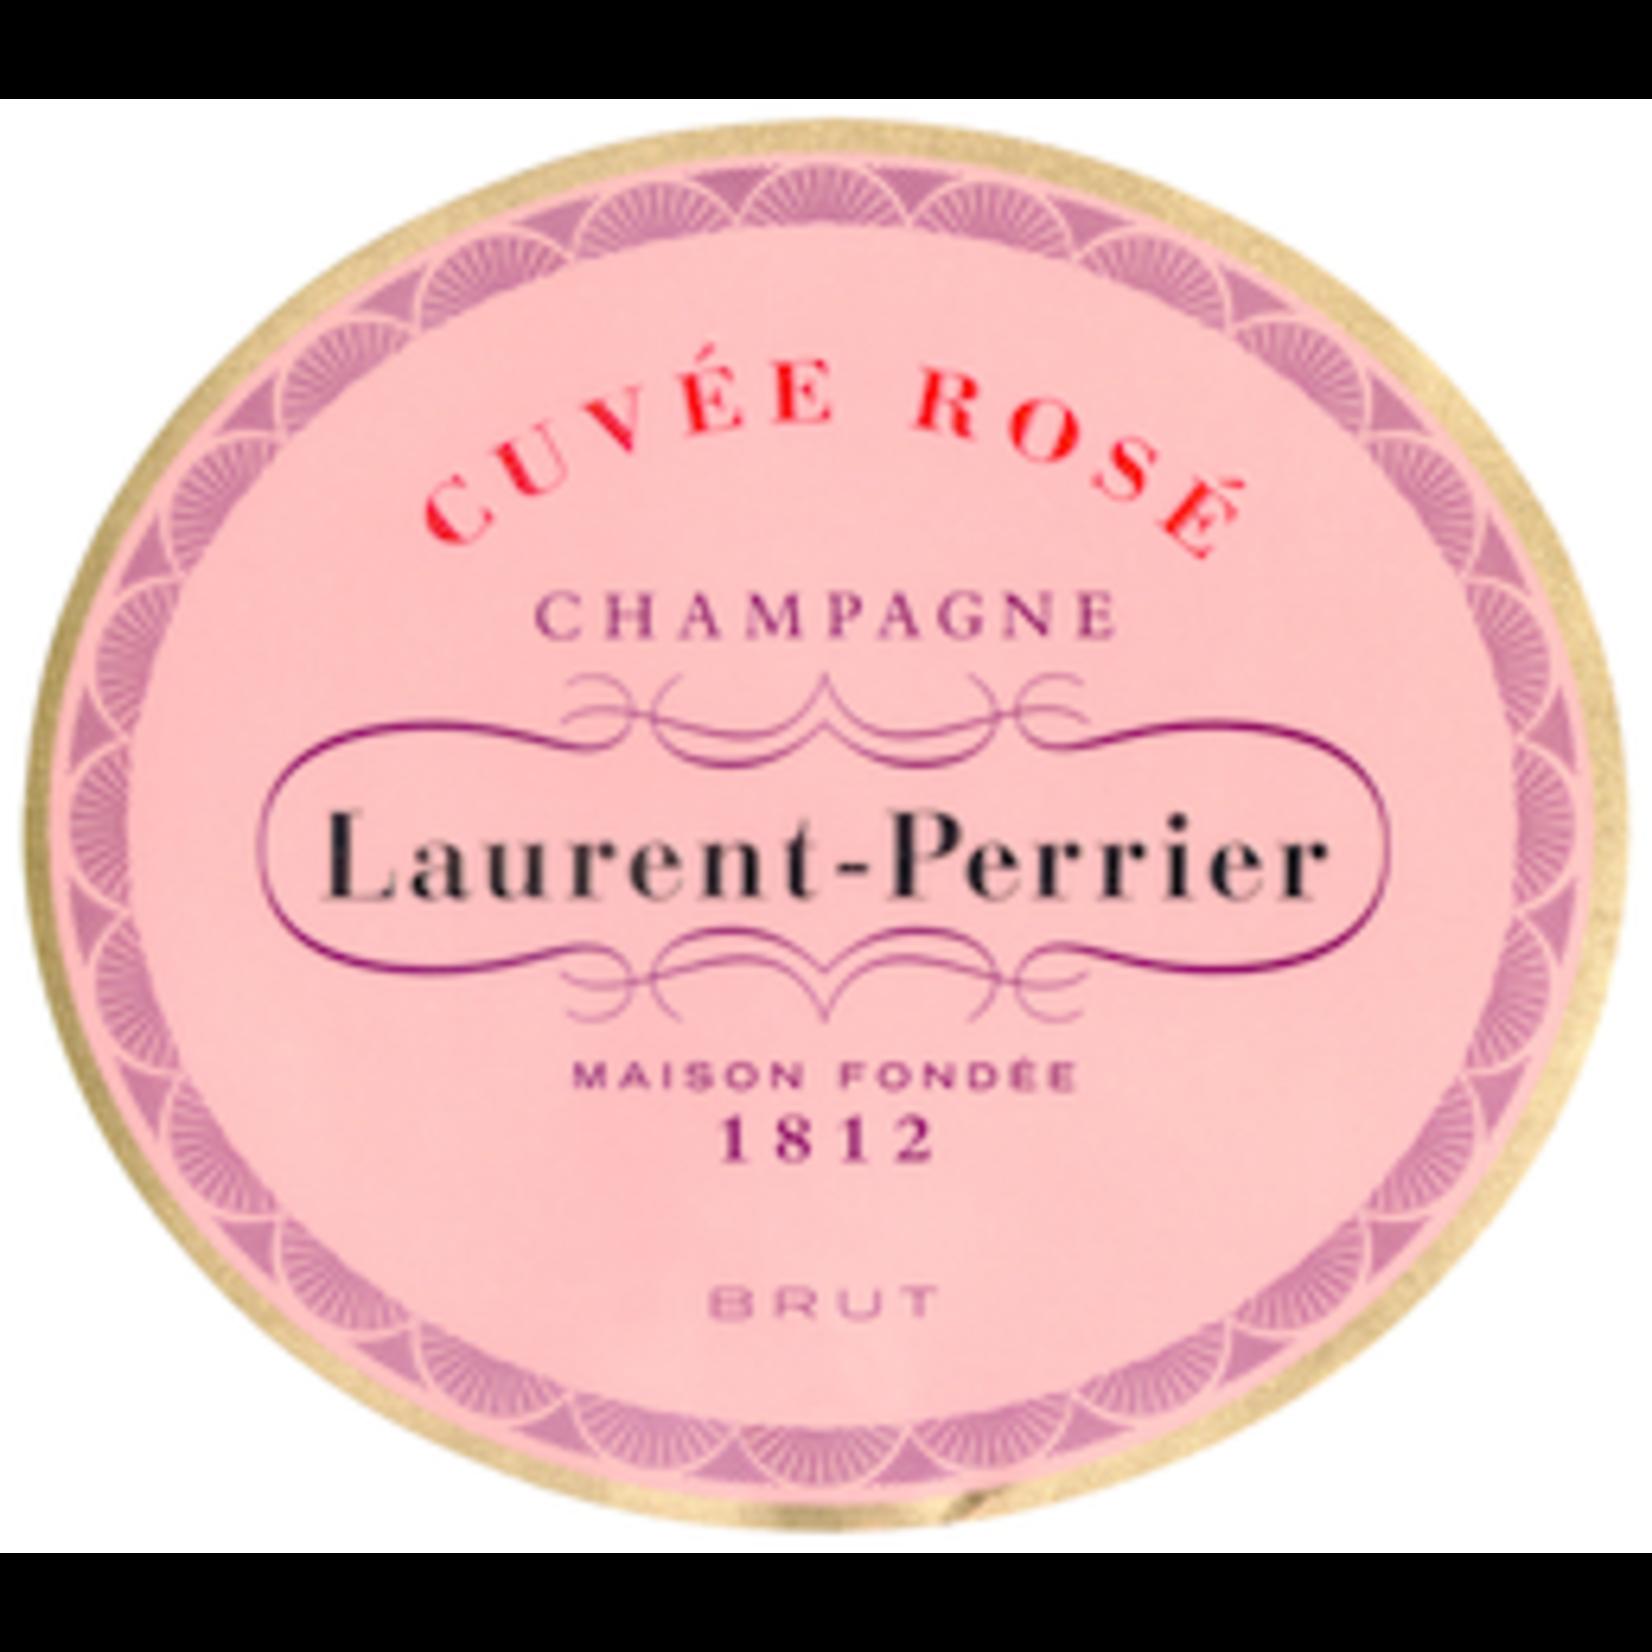 Sparkling Laurent Perrier Champagne Brut Rose